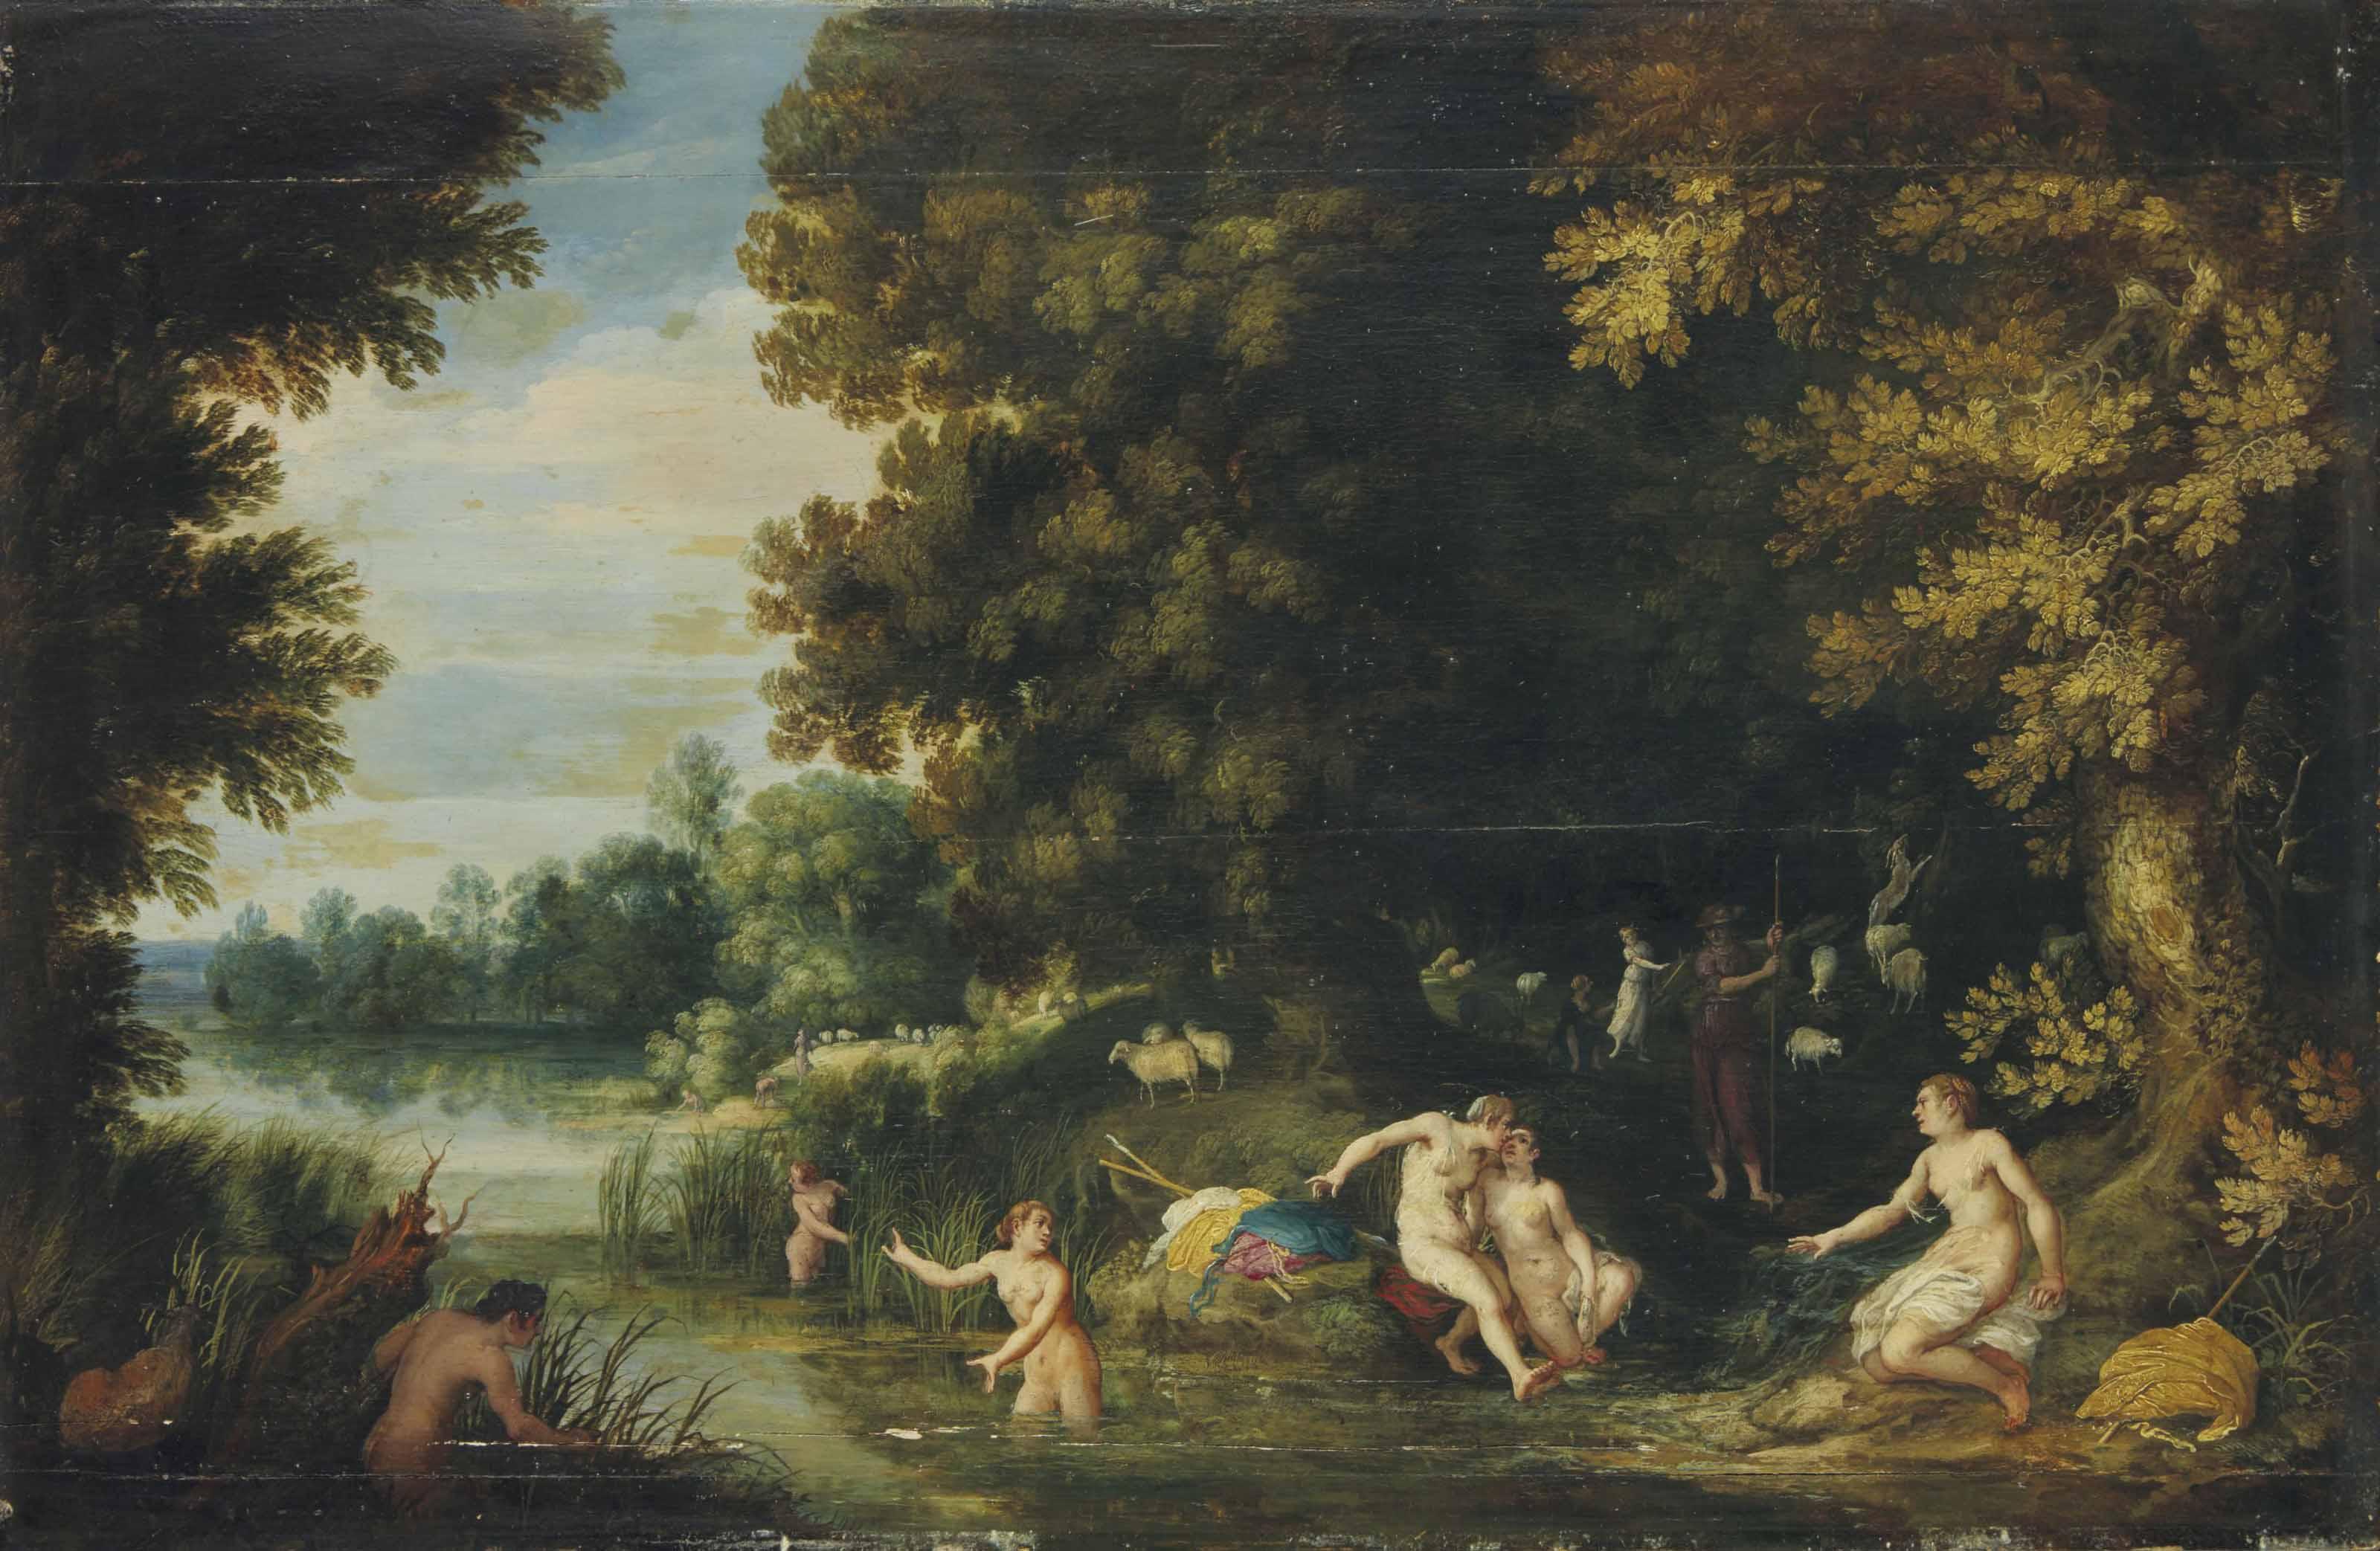 Diane et Callisto, Actéon dans le lointain